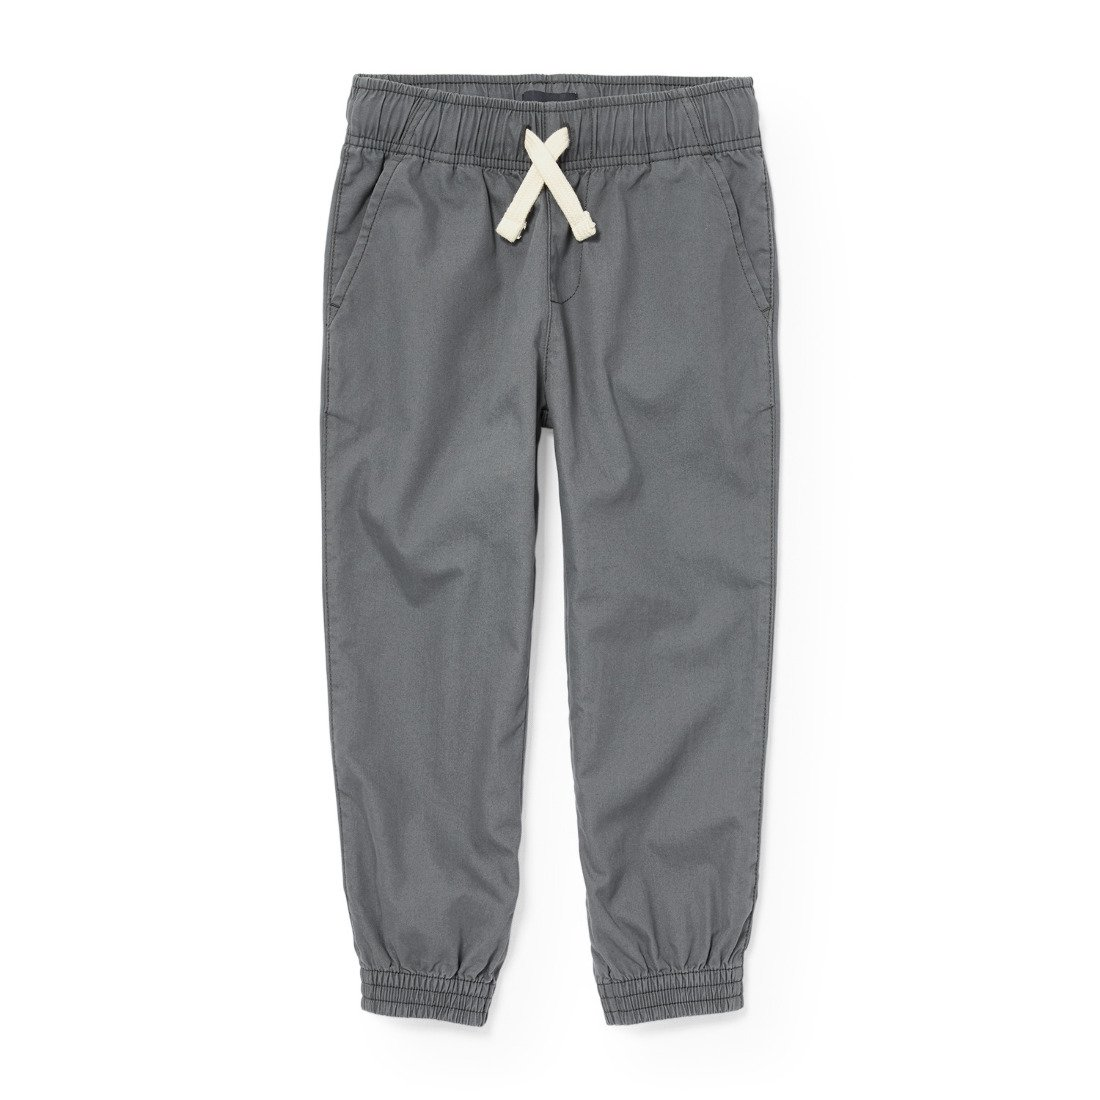 The Children's Place Big Boys' Jogger Pants, Storm 8164, 7